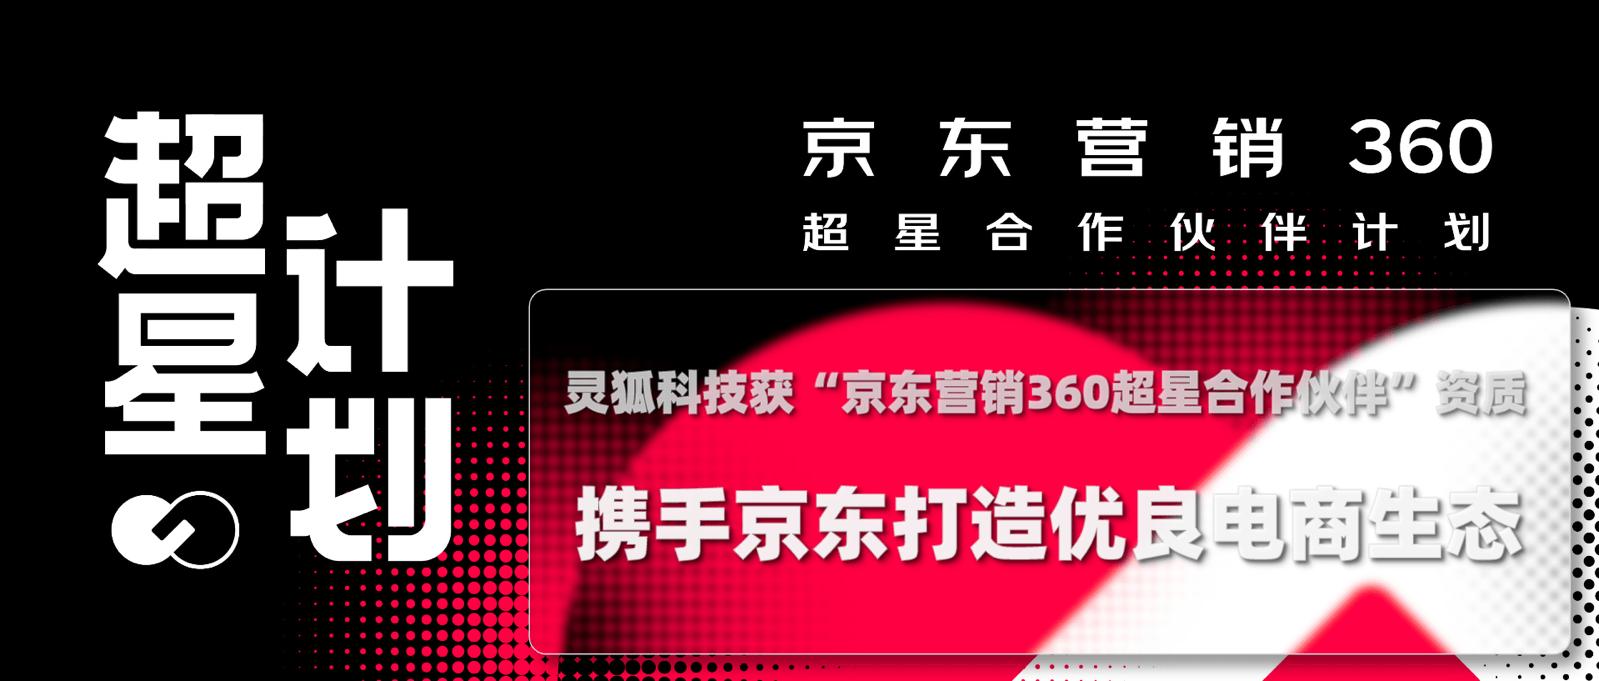 """灵狐科技入选""""京东营销360超星合作伙伴"""",携手京东共创行业价值"""